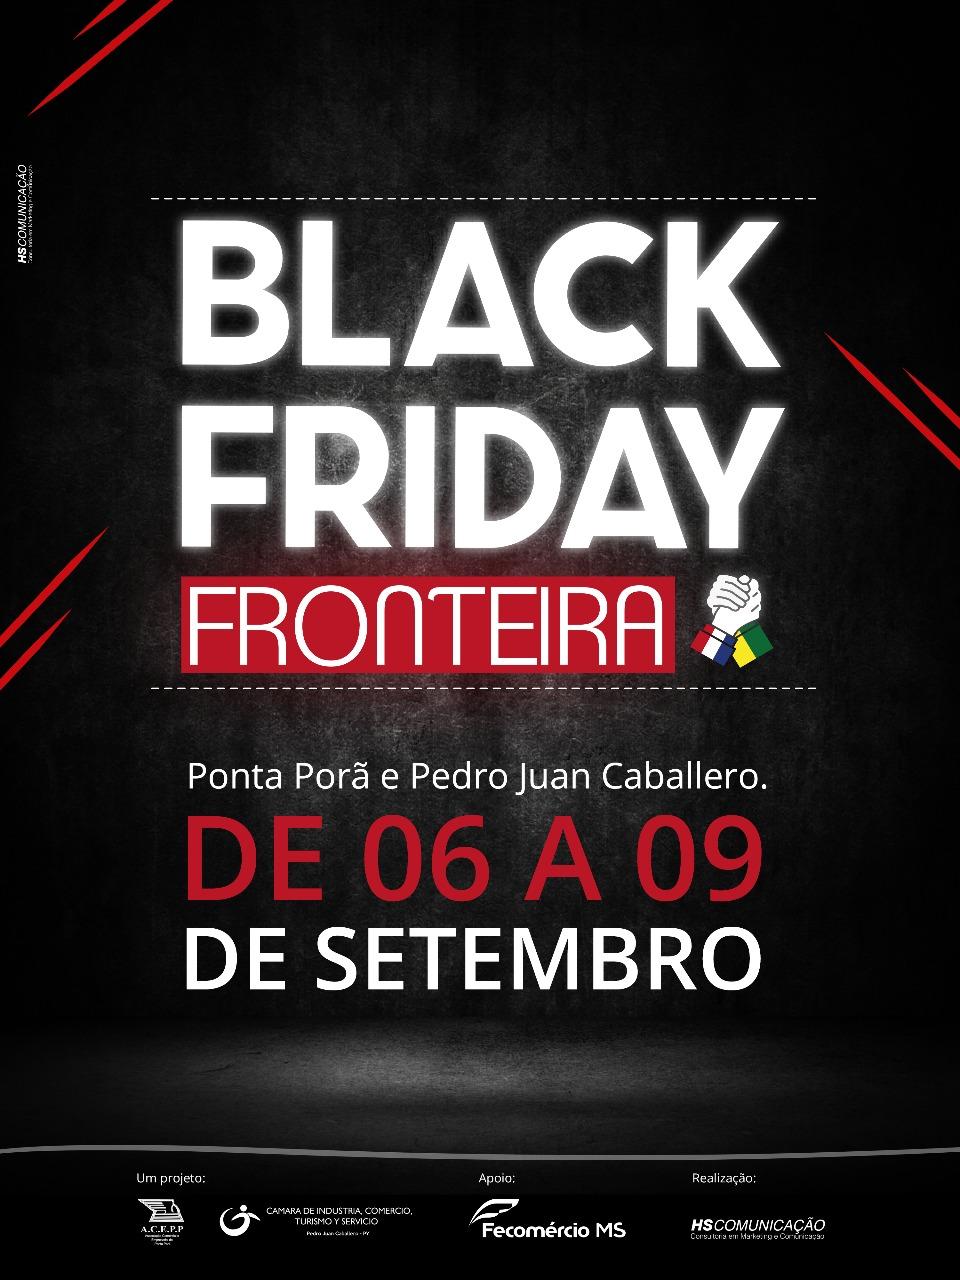 2a531d4cf Associação Comercial e Empresarial de Ponta Porã faz chamamento aos  empresários para participarem do Black Friday Fronteira 2018